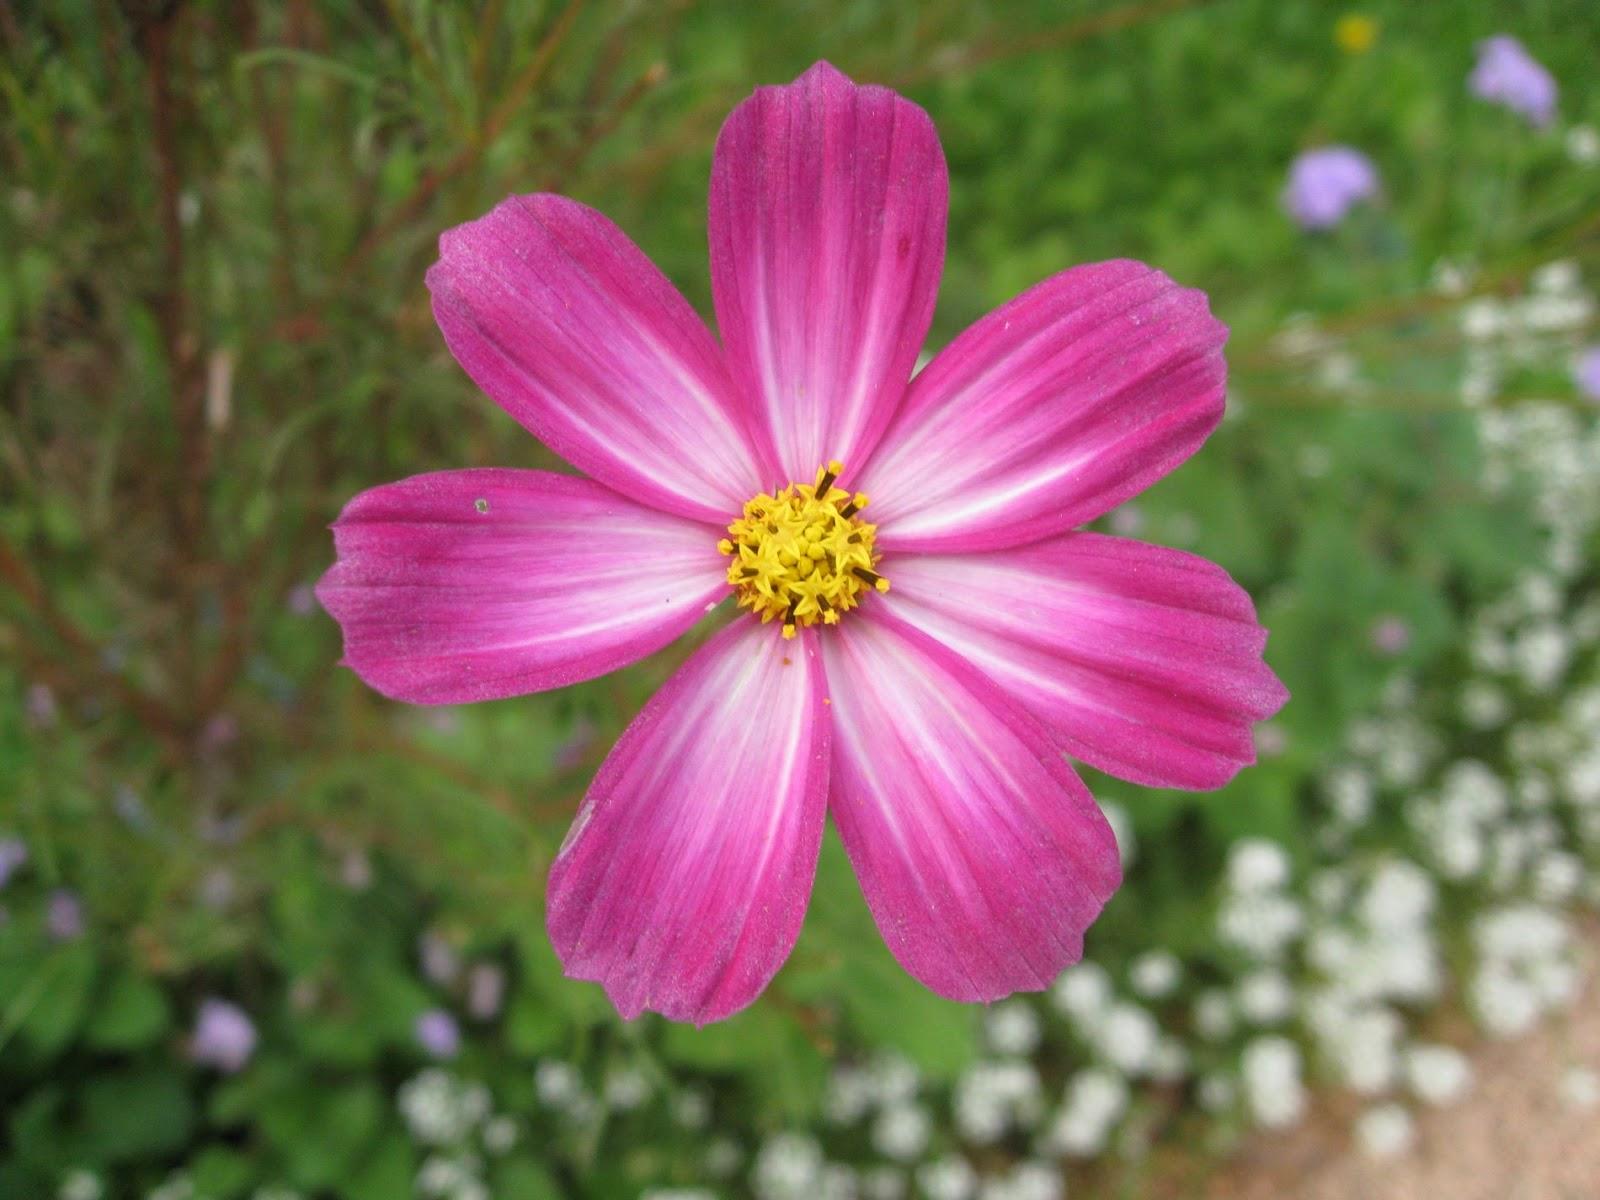 Flowers planets september aster flowers september aster flower mightylinksfo